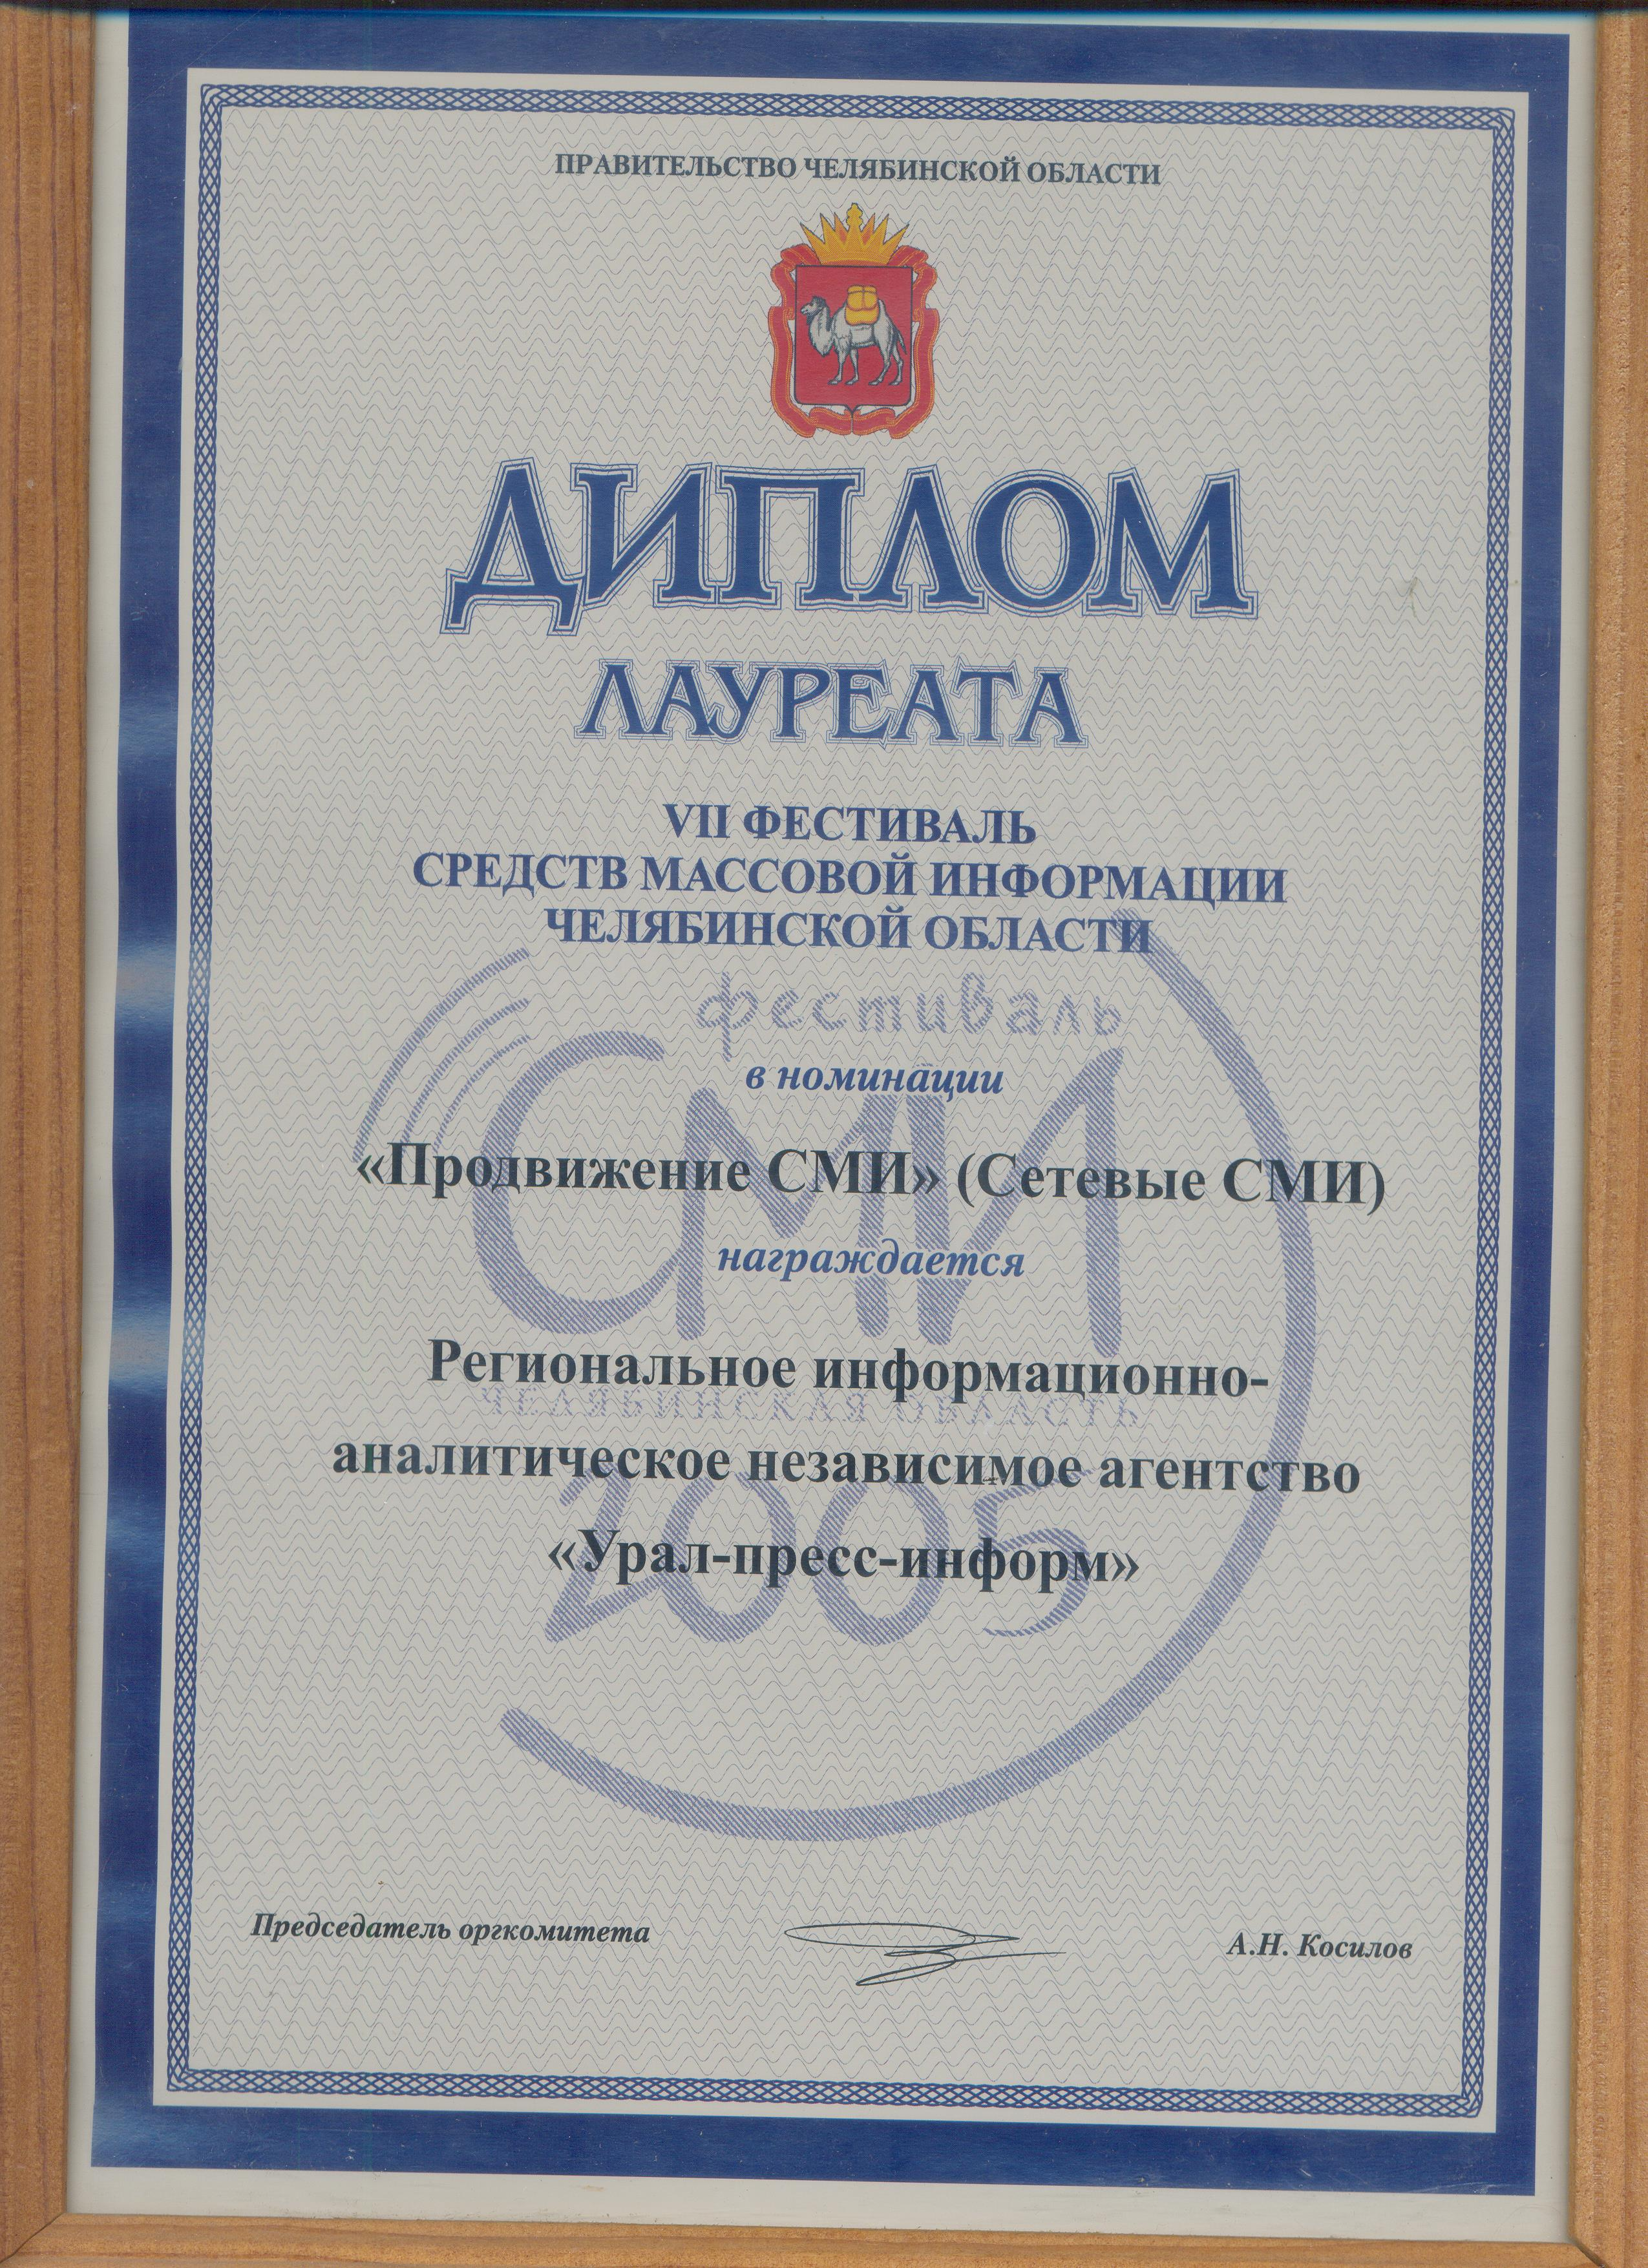 2005   Правительсво Челябинской области